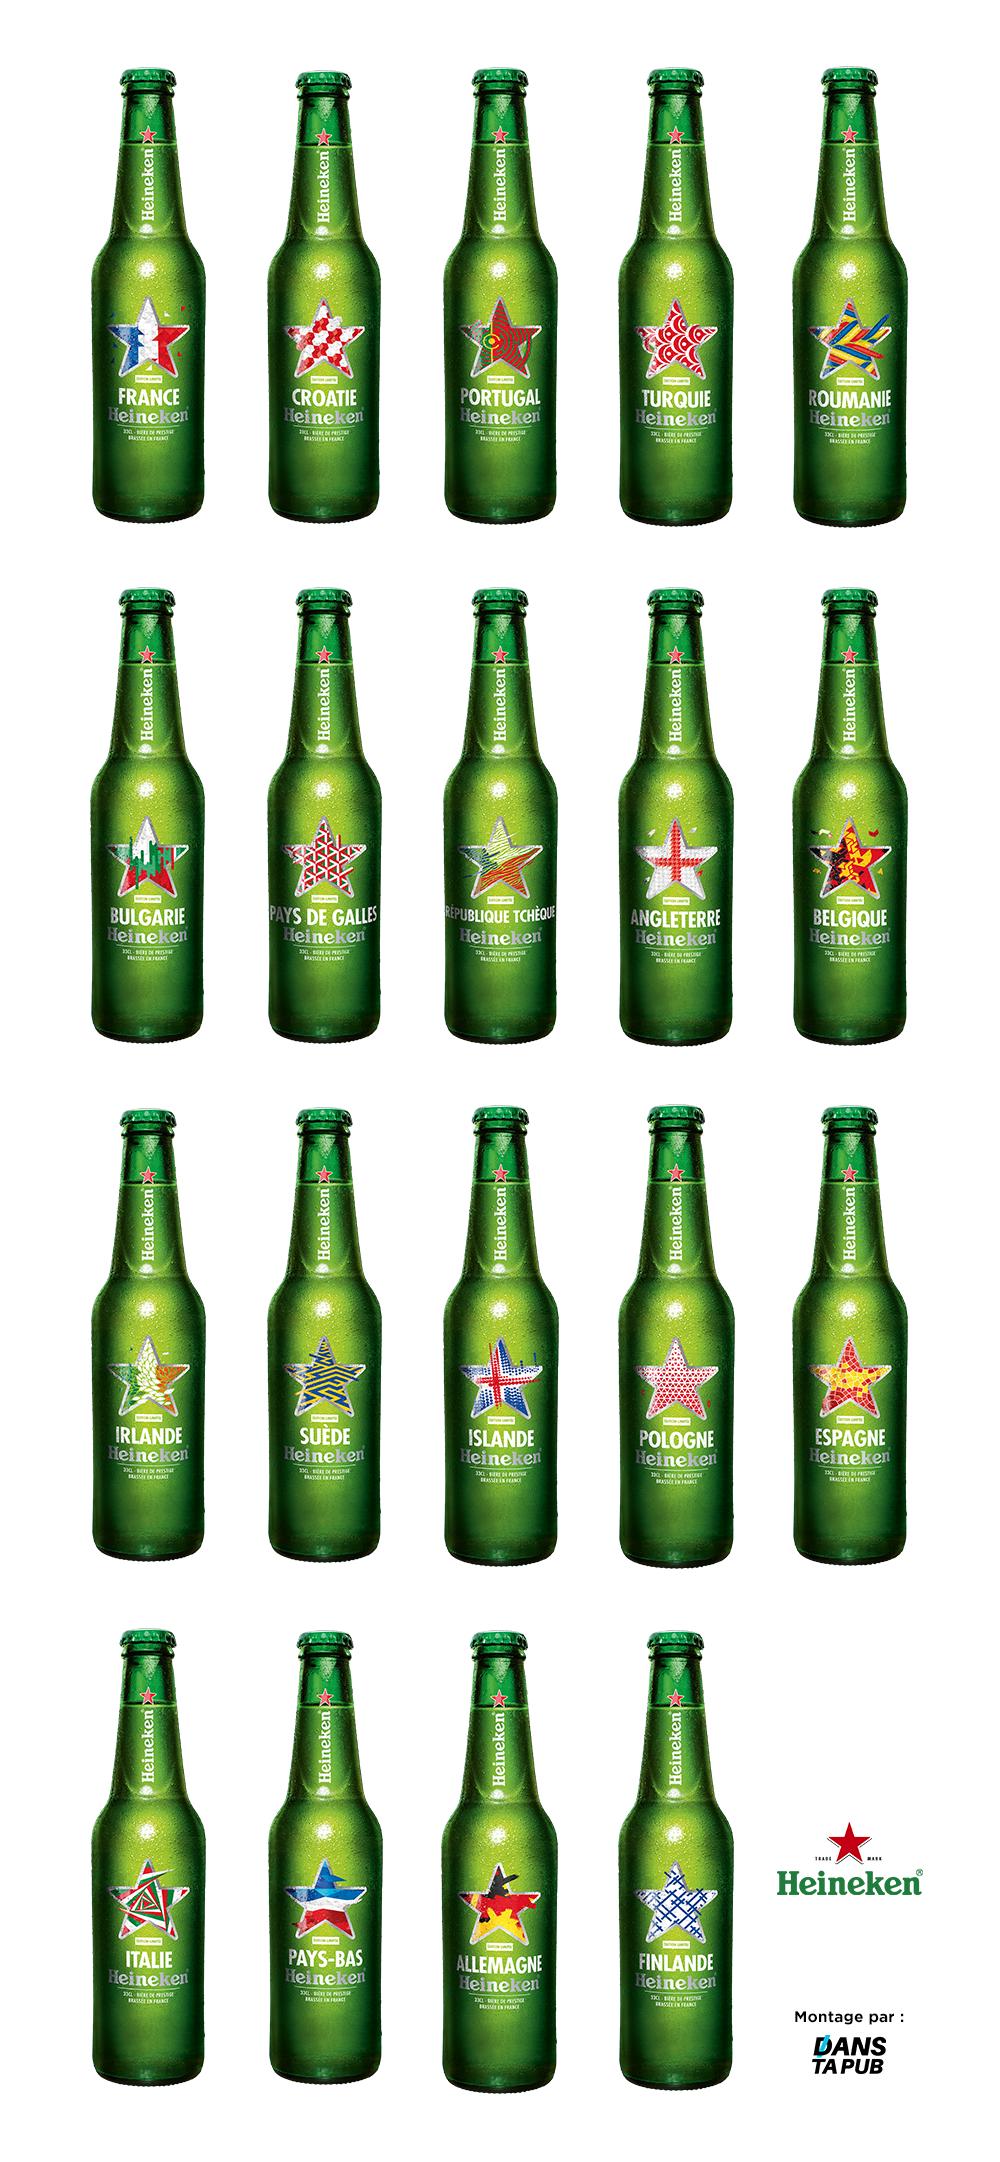 dans-ta-pub-bouteilles-heineken-countries-edition